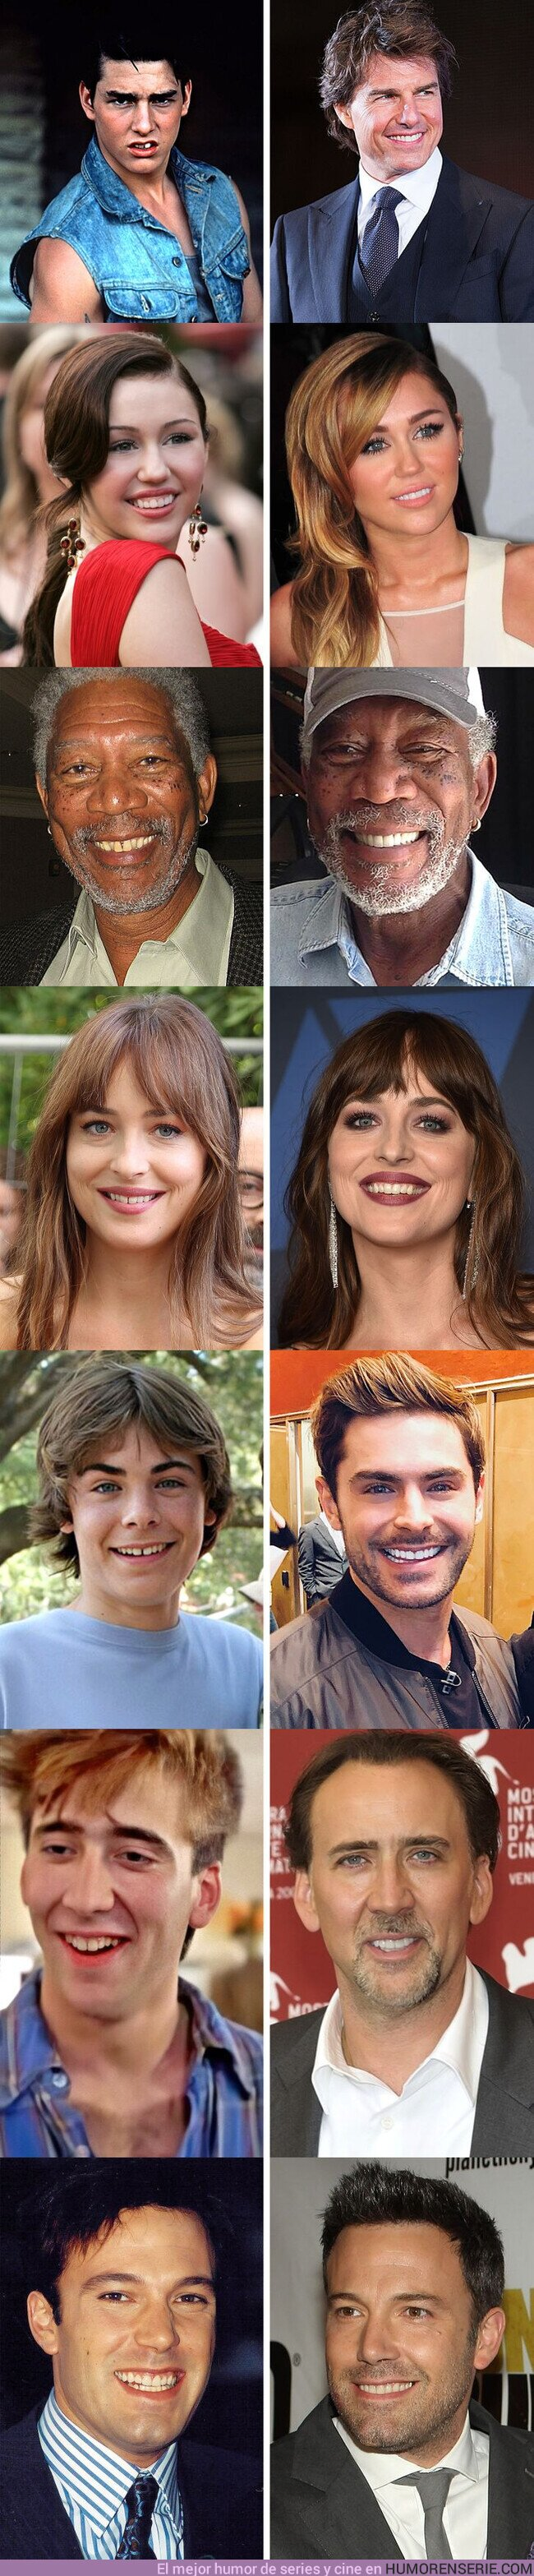 56893 - GALERÍA: 7 actores que cambiaron su dentadura por completo cuando se convirtieron en estrellas